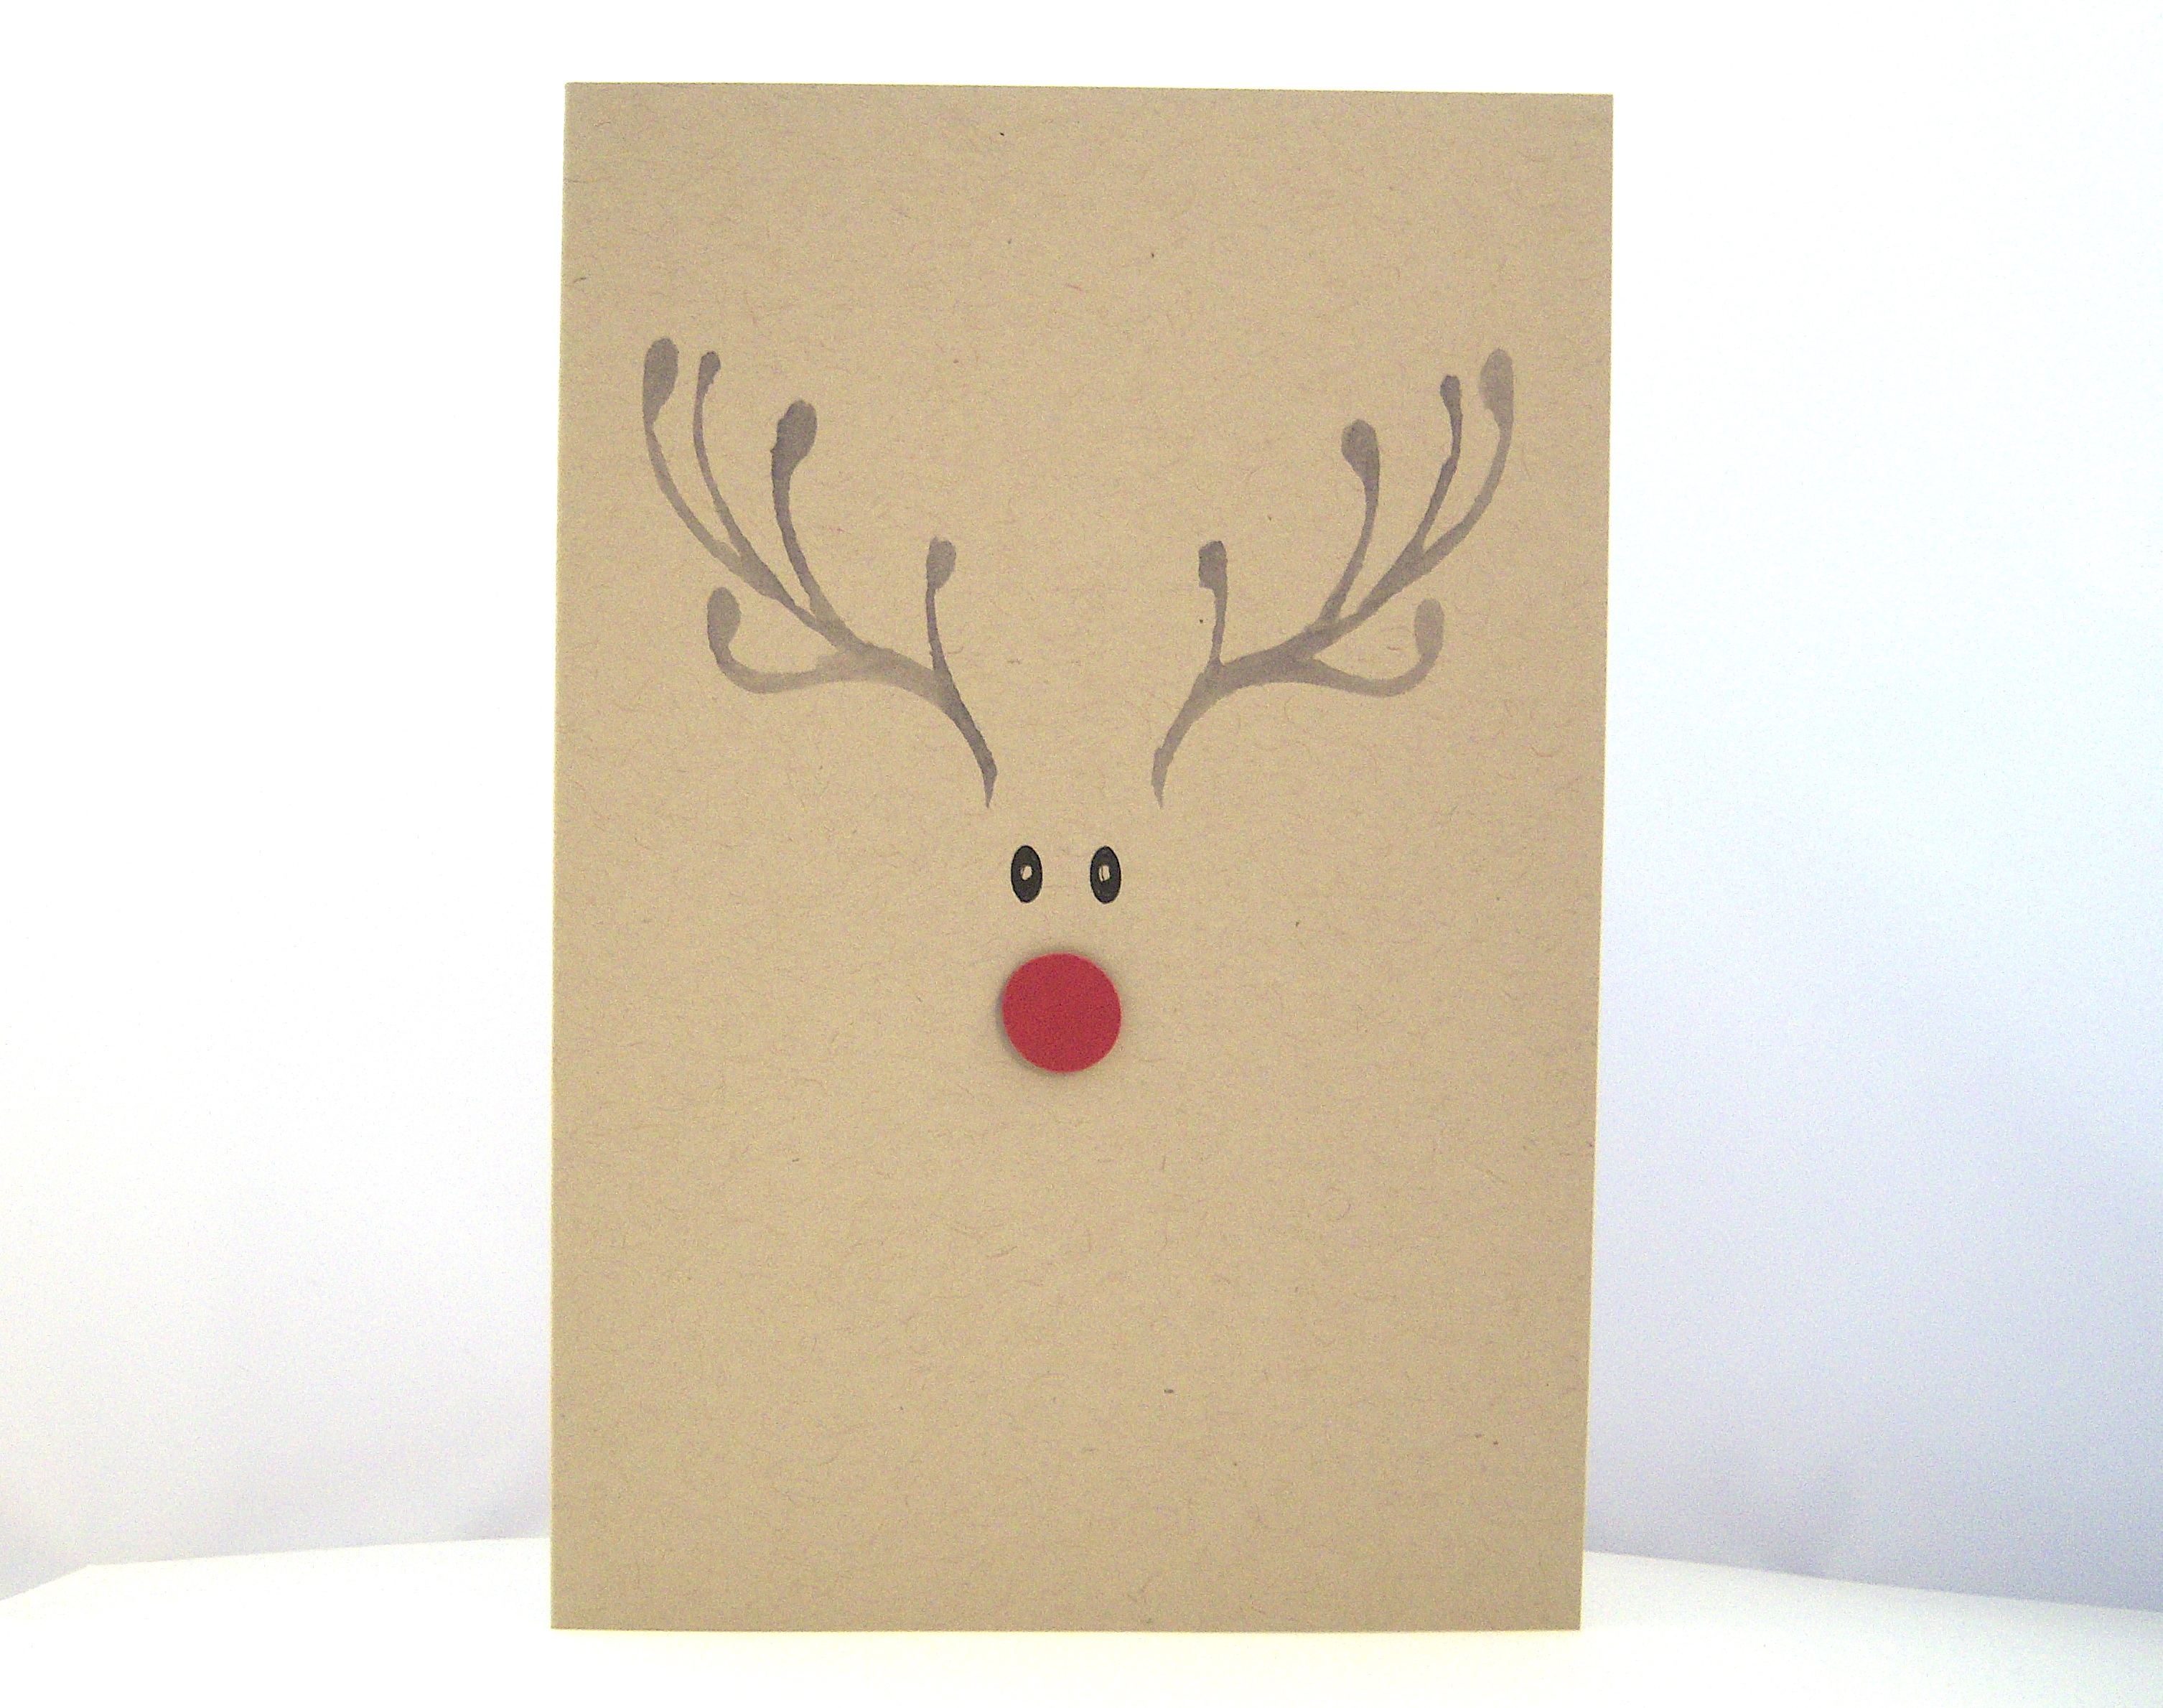 Weihnachten - Weihnachtskarte -Rentiergesicht- Bild 1